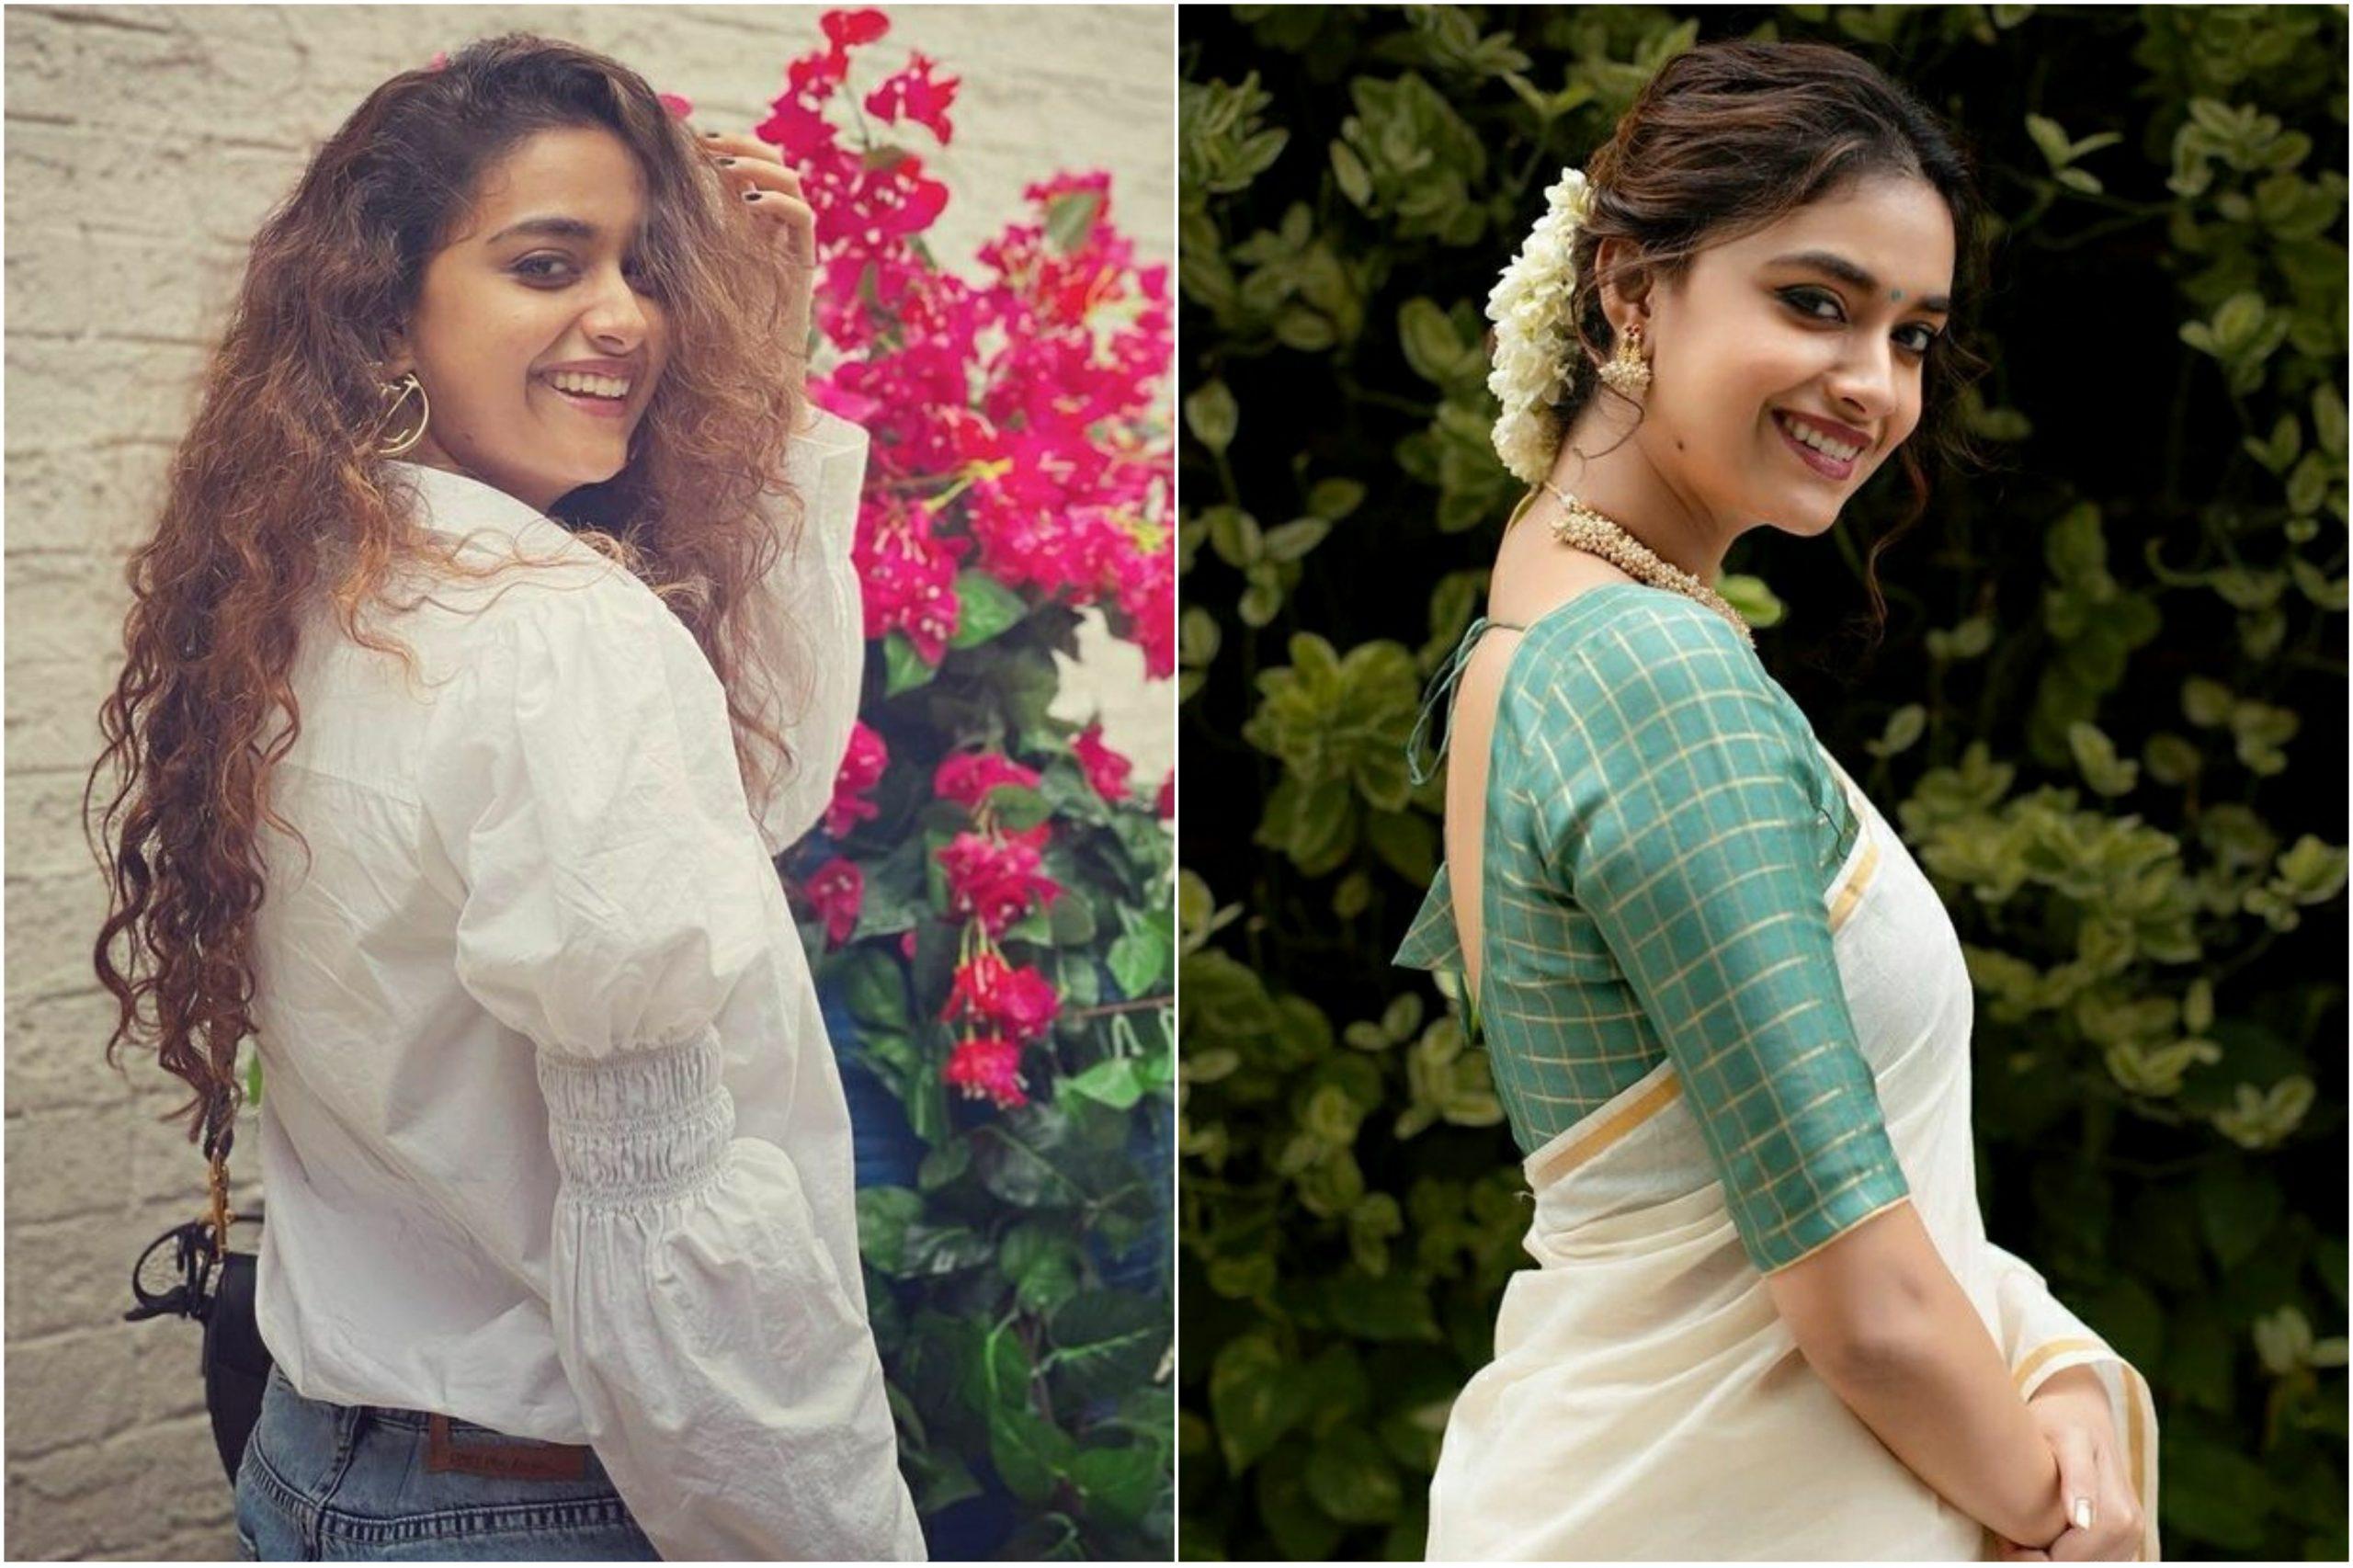 Keerthy Suresh's classic 'Palat' look has her fans going berserk